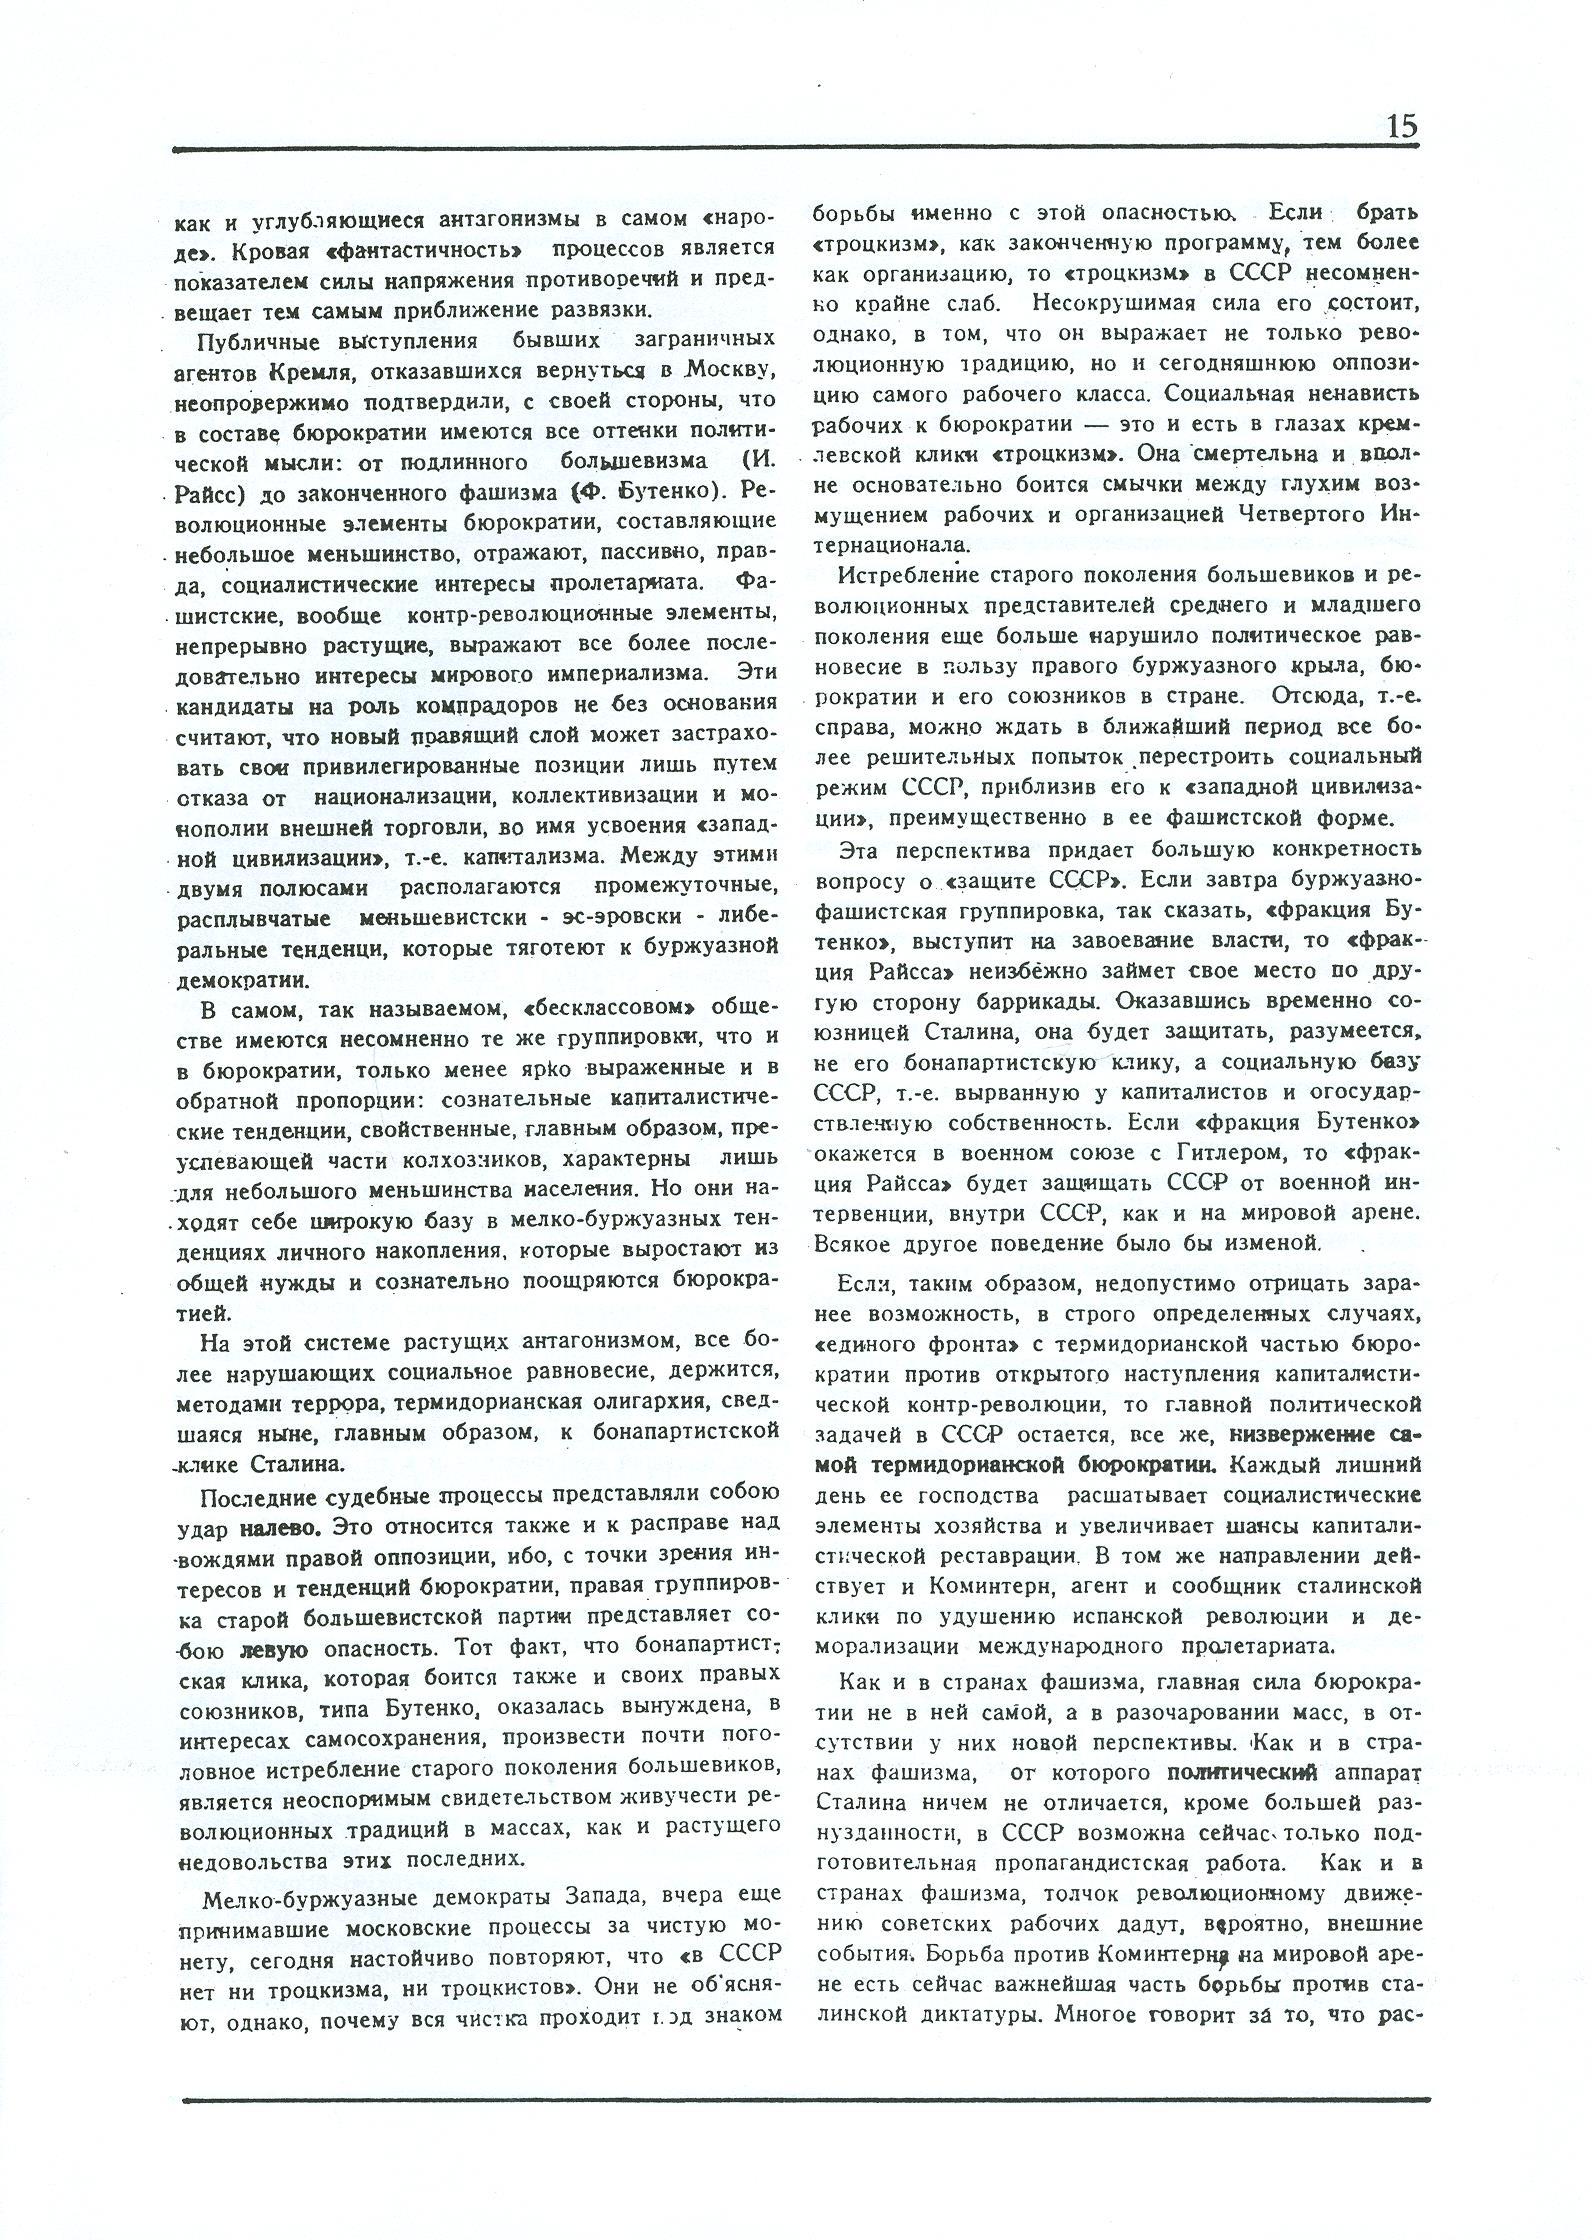 Dagli archivi del bolscevismo n. 1 (marzo 1986) - pag. 15